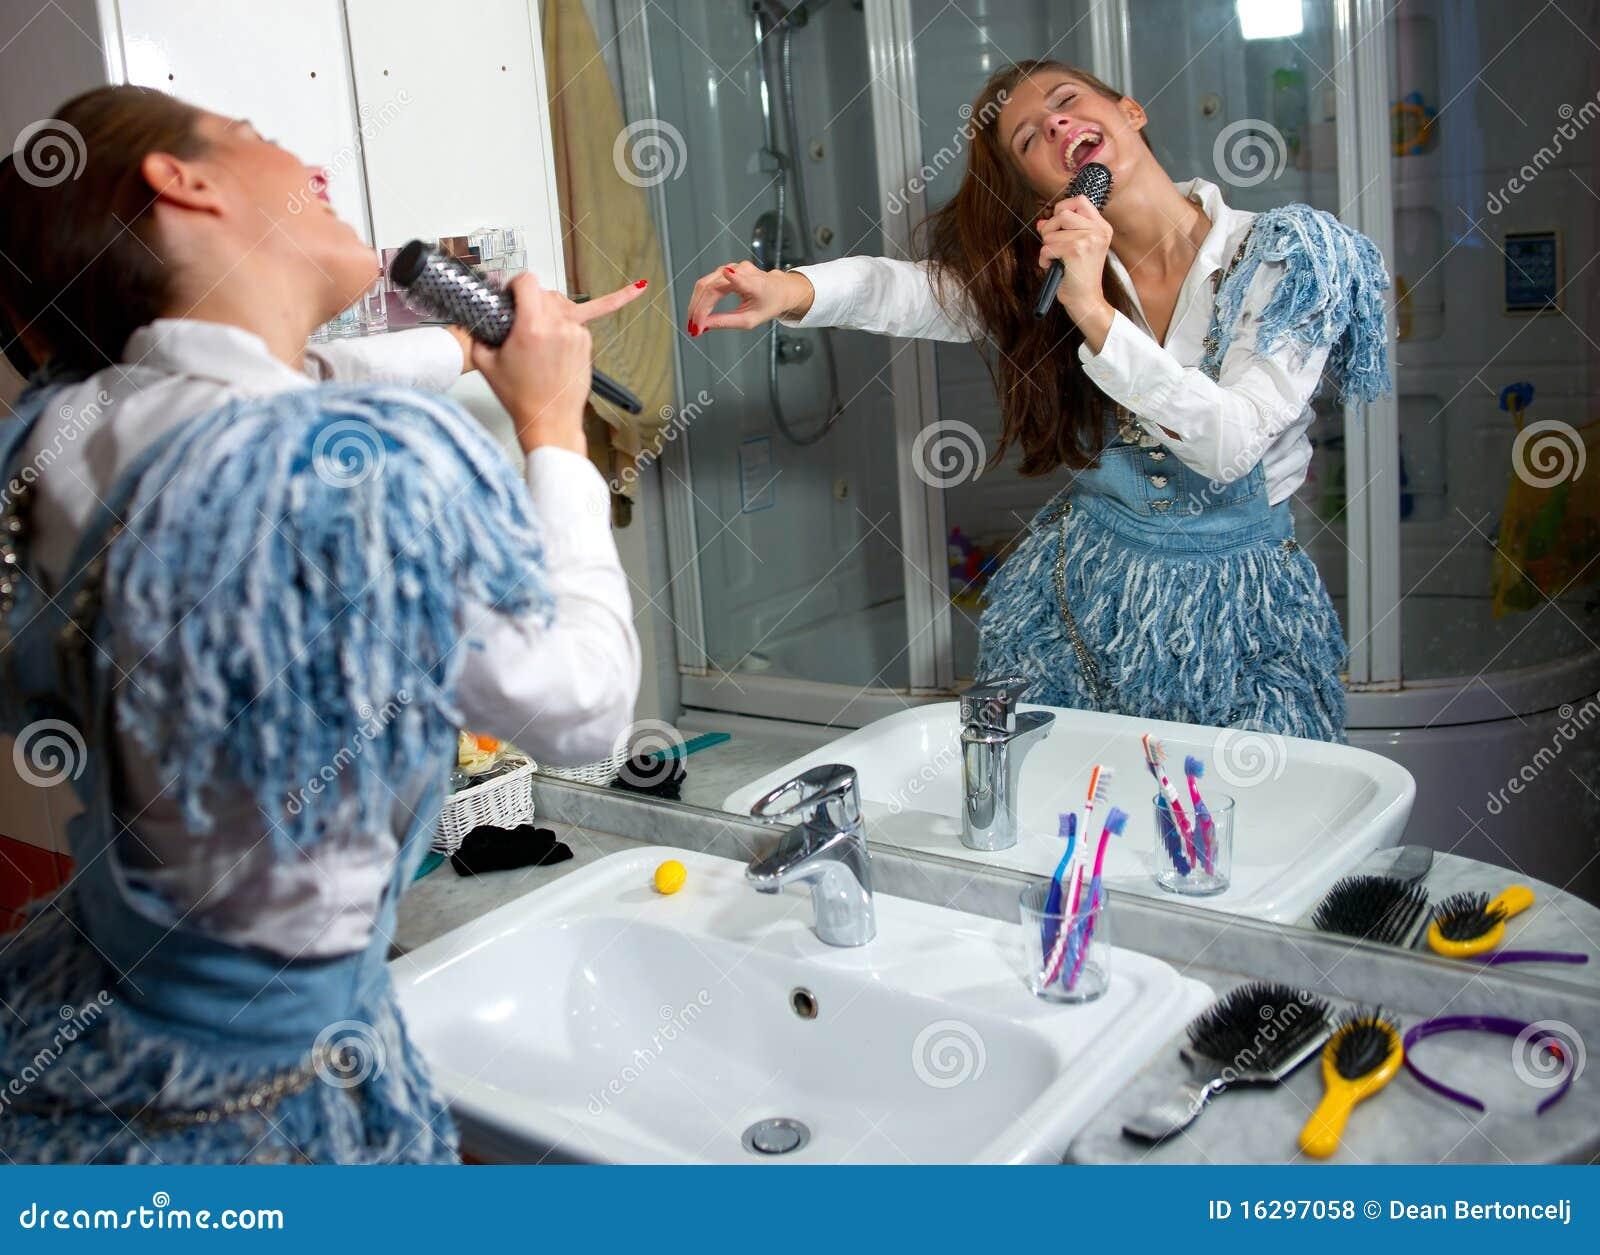 Teen Girl Singing Royalty Free Stock Photos Image 16297058